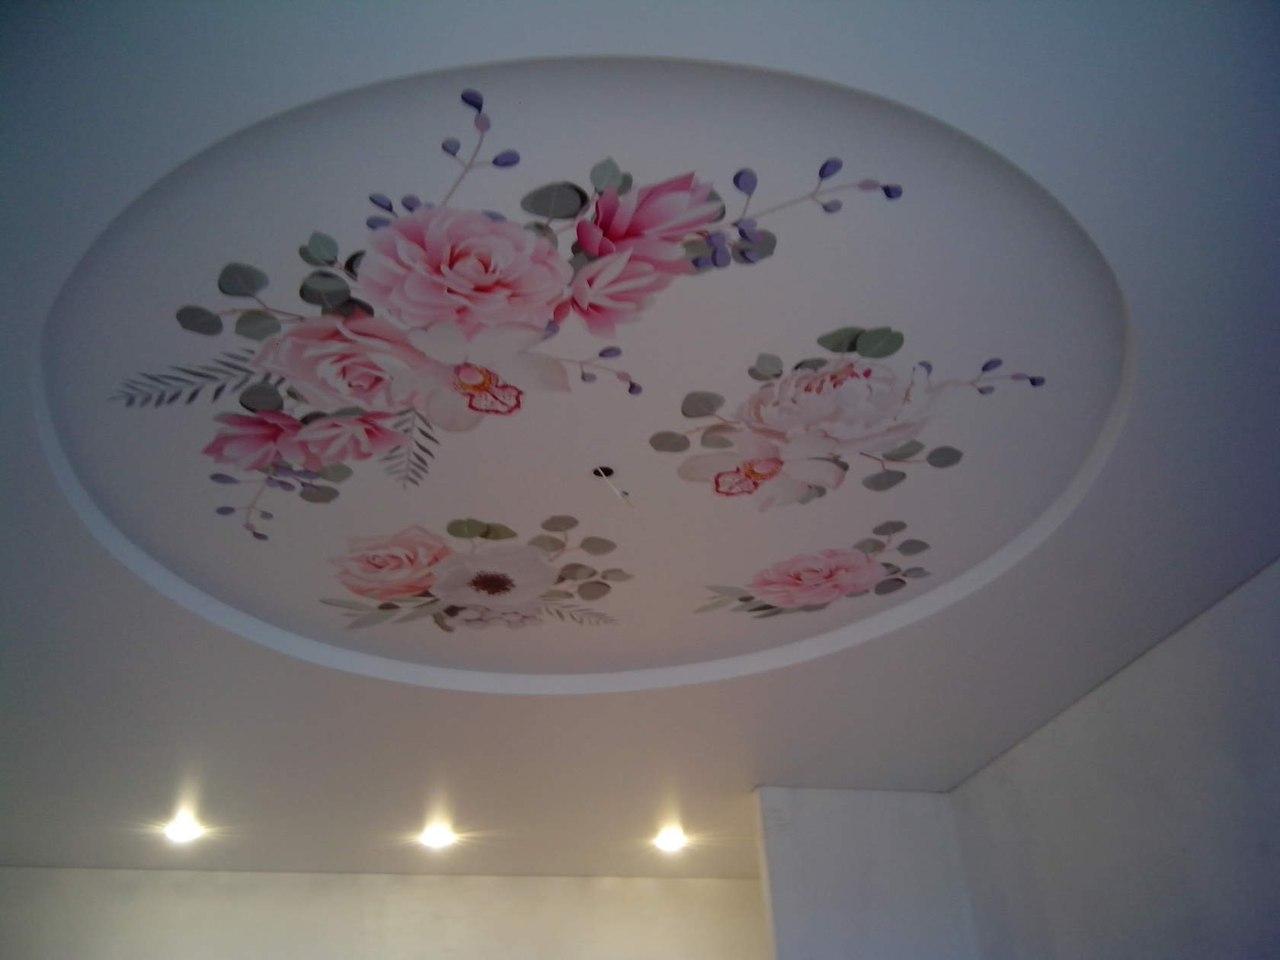 Натяжной тканевый потолок с фотопечатью